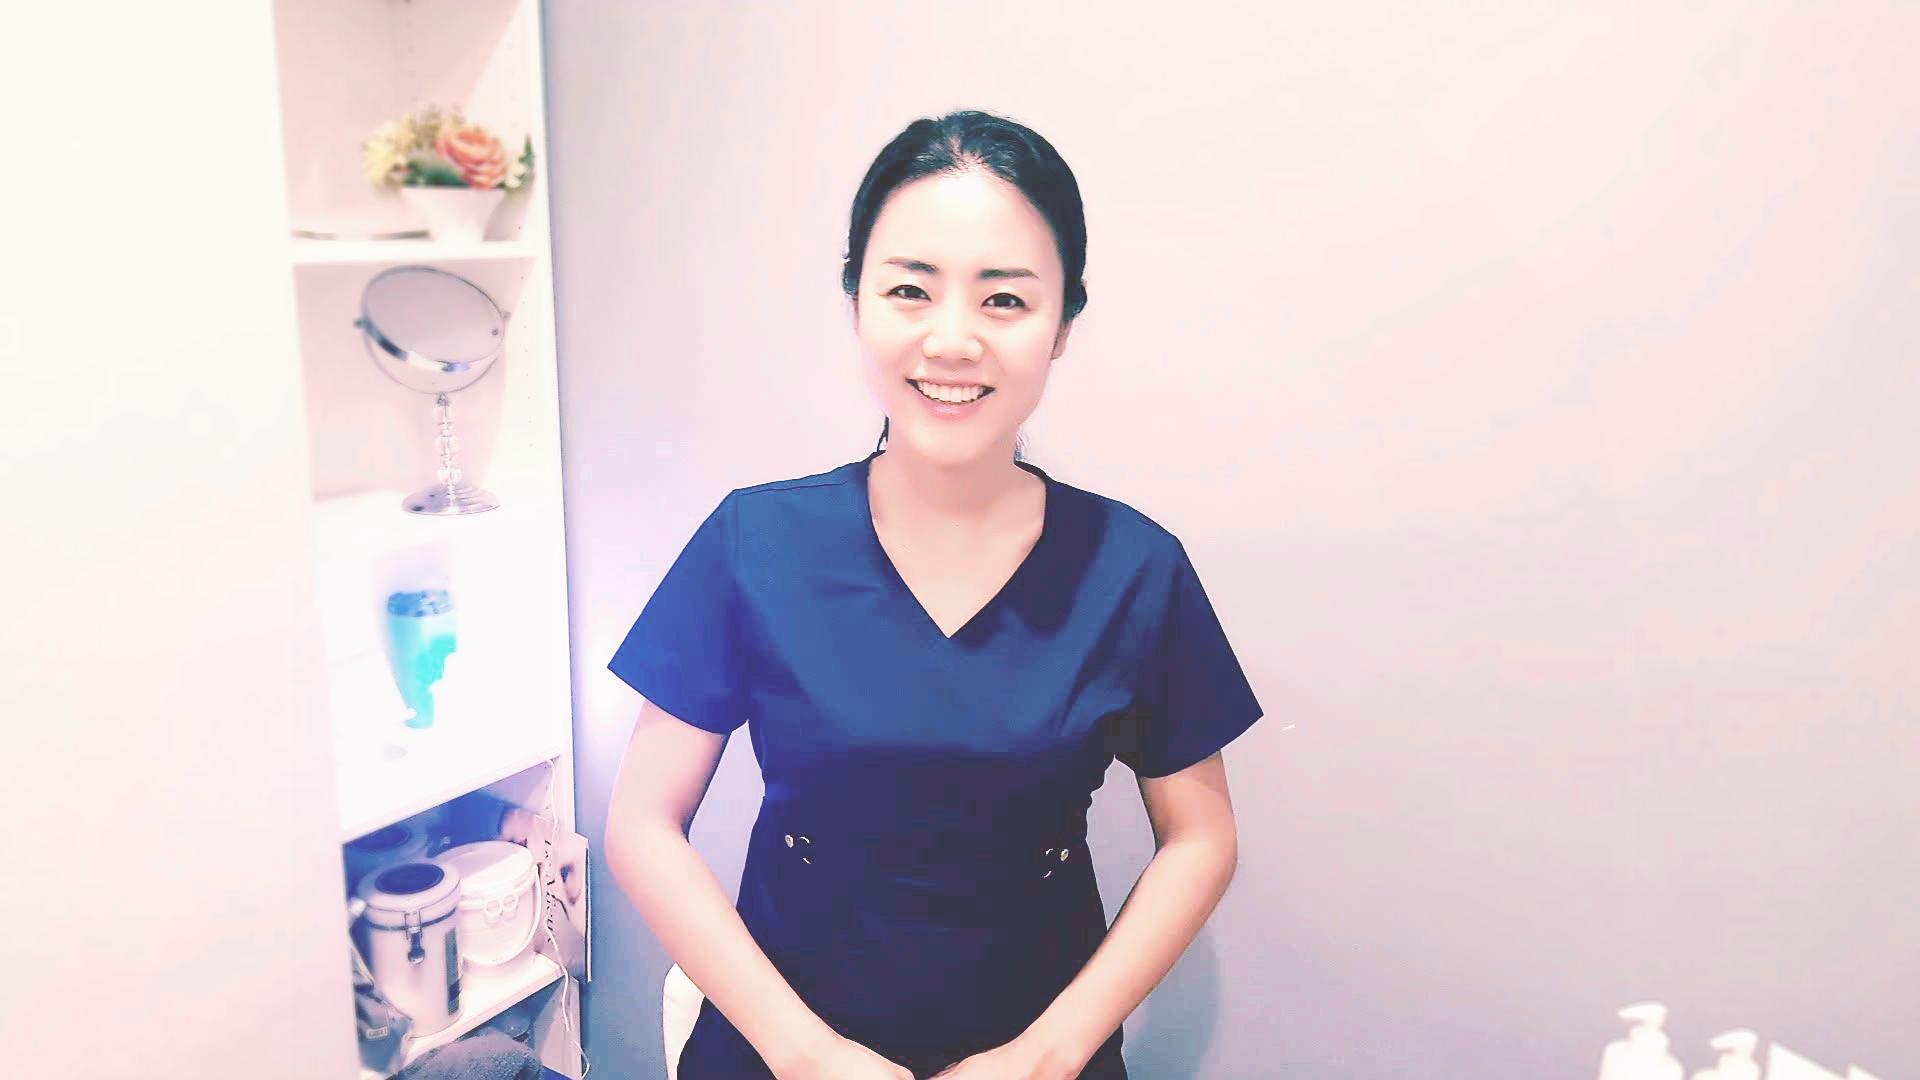 Sojeong